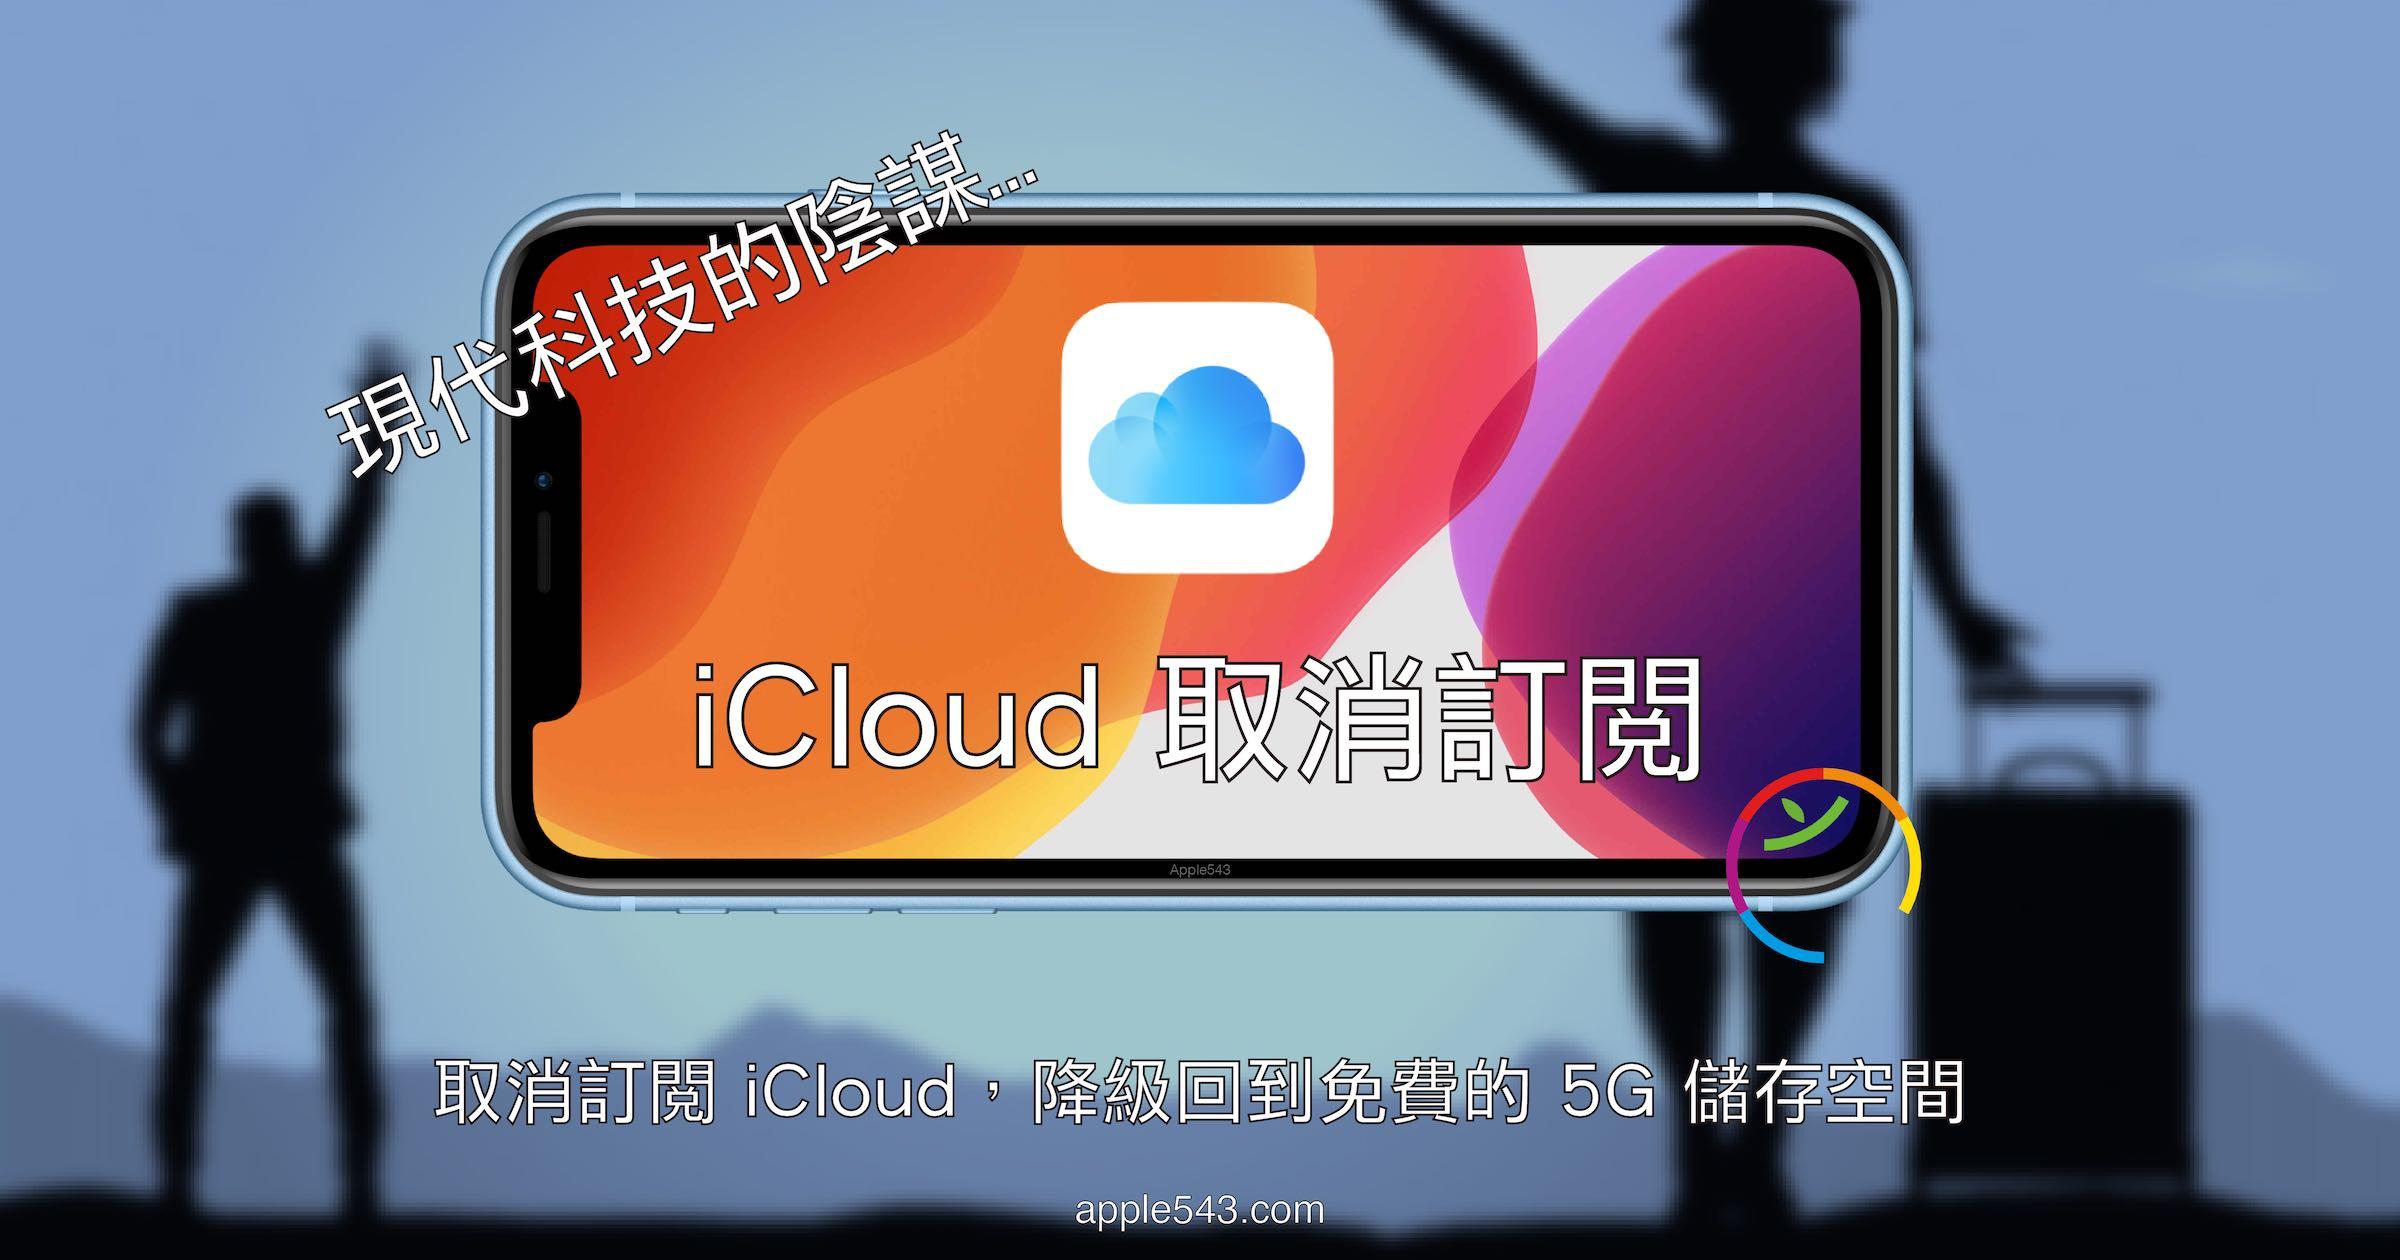 iCloud 取消訂閱